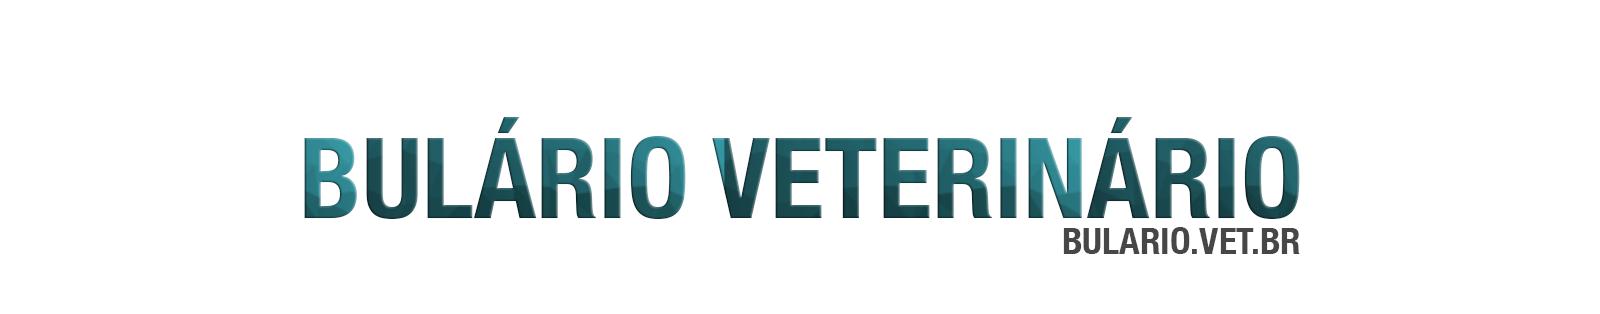 bulario-veterinario